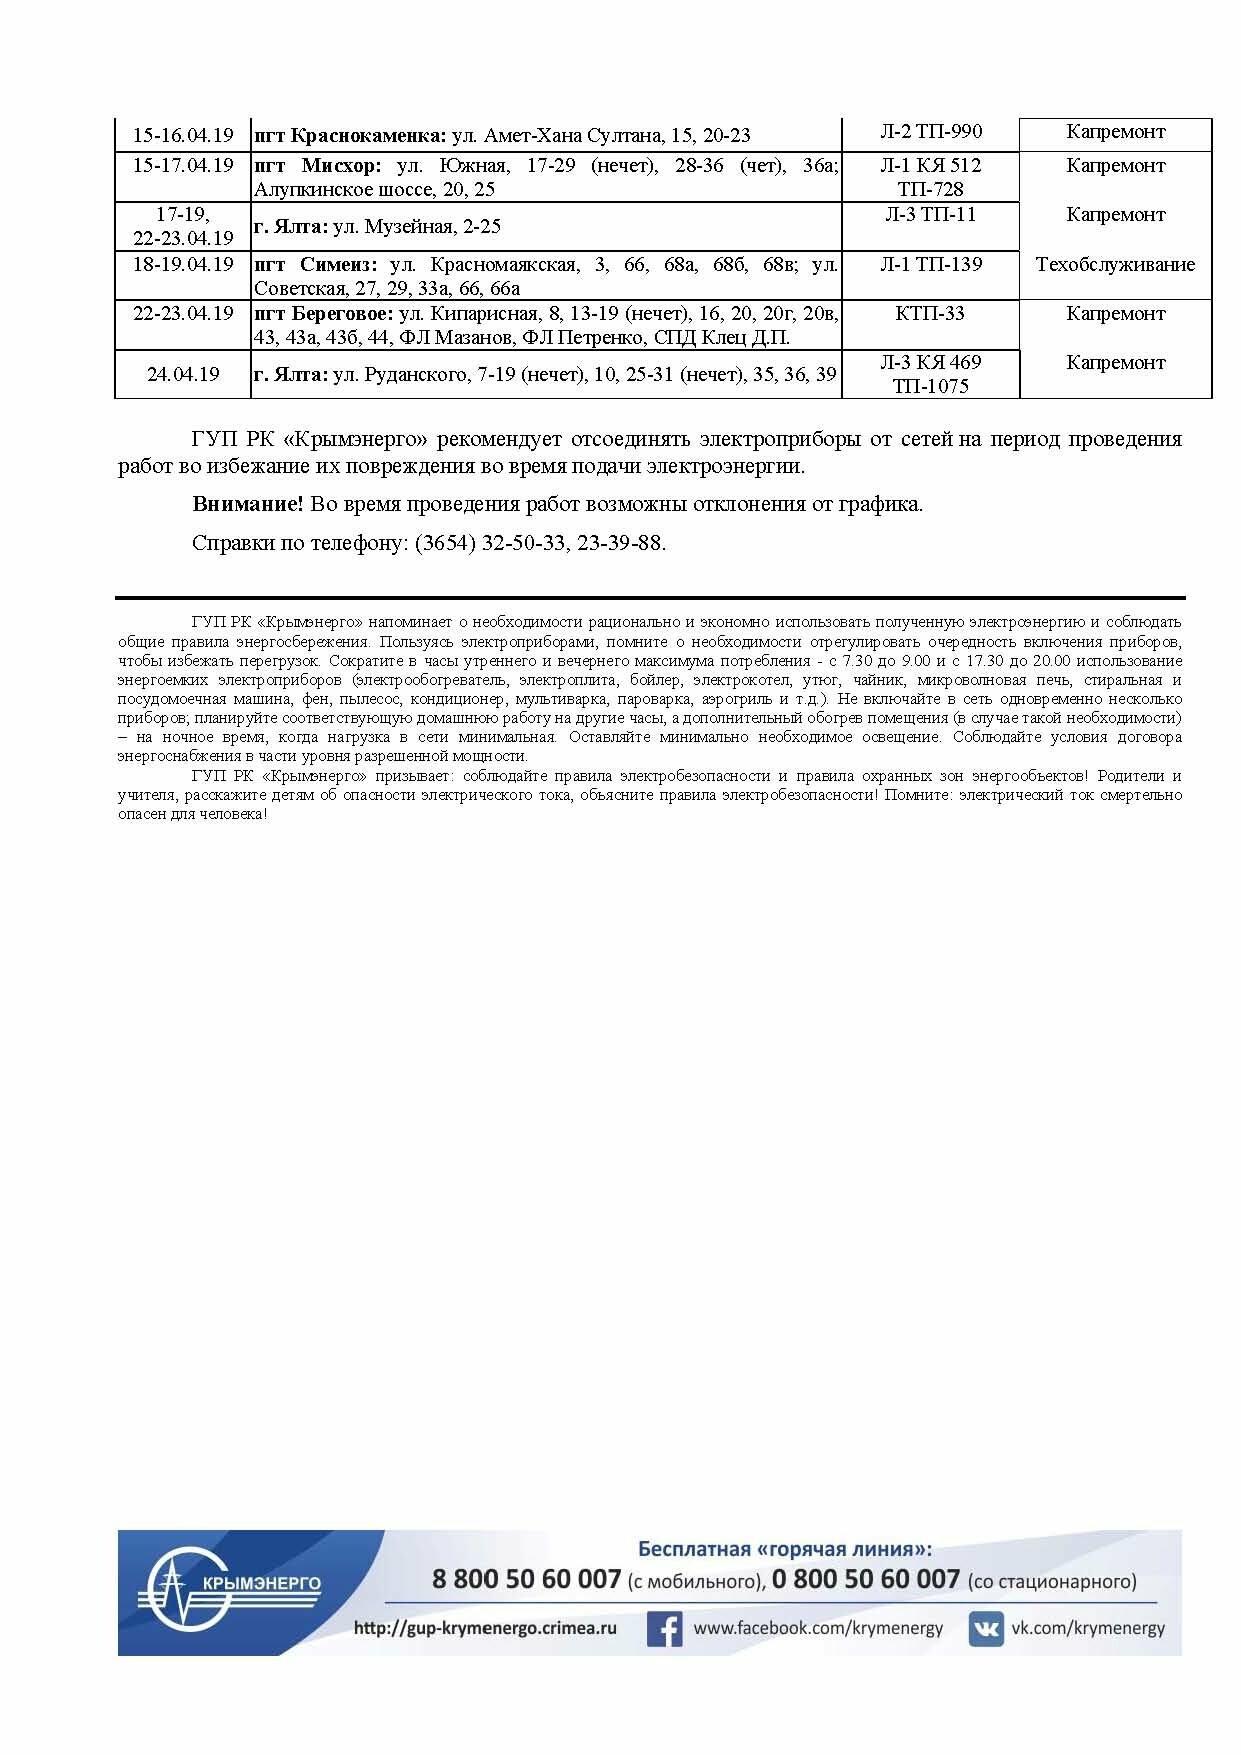 В апреле из-за ремонтных работ в Ялте будут отключать свет: ГРАФИК, фото-2